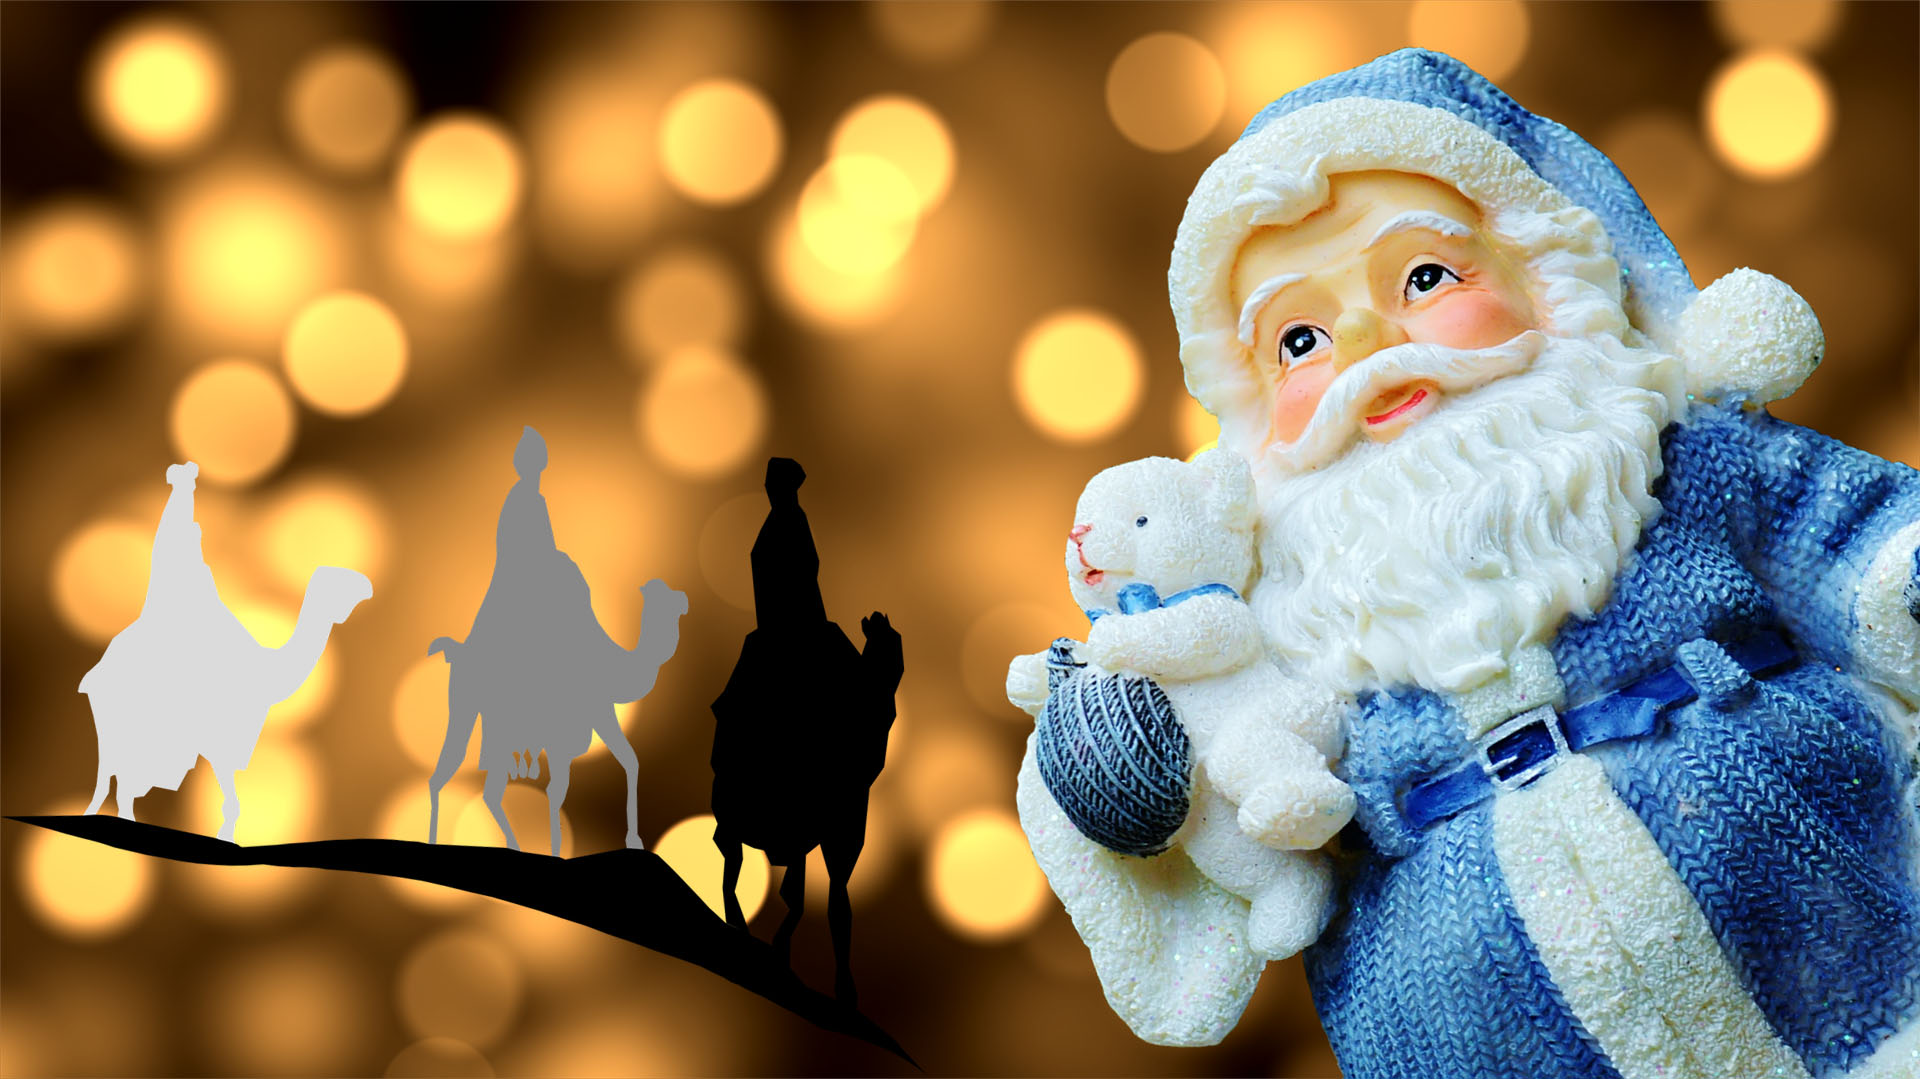 Papá Noel y los Reyes Magos, significado de regalos y juguetes